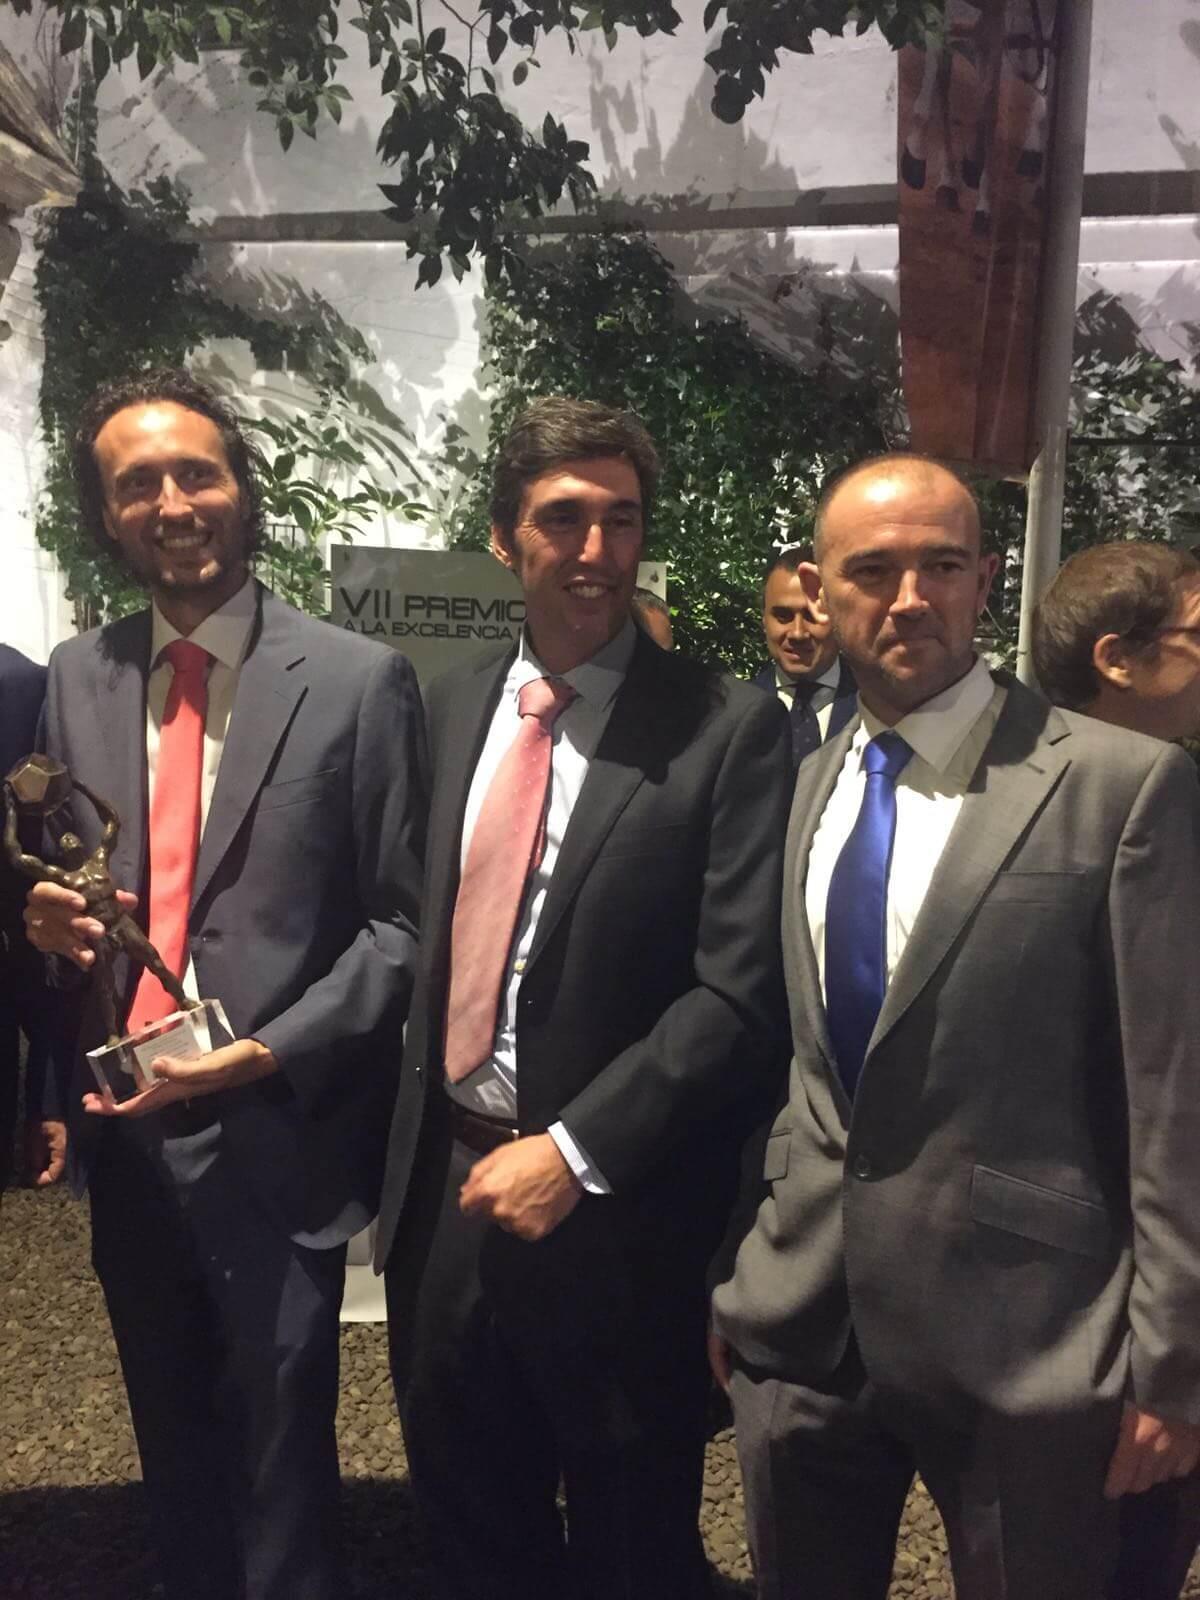 gabitel-Premio-Excelencia-Pymes-5